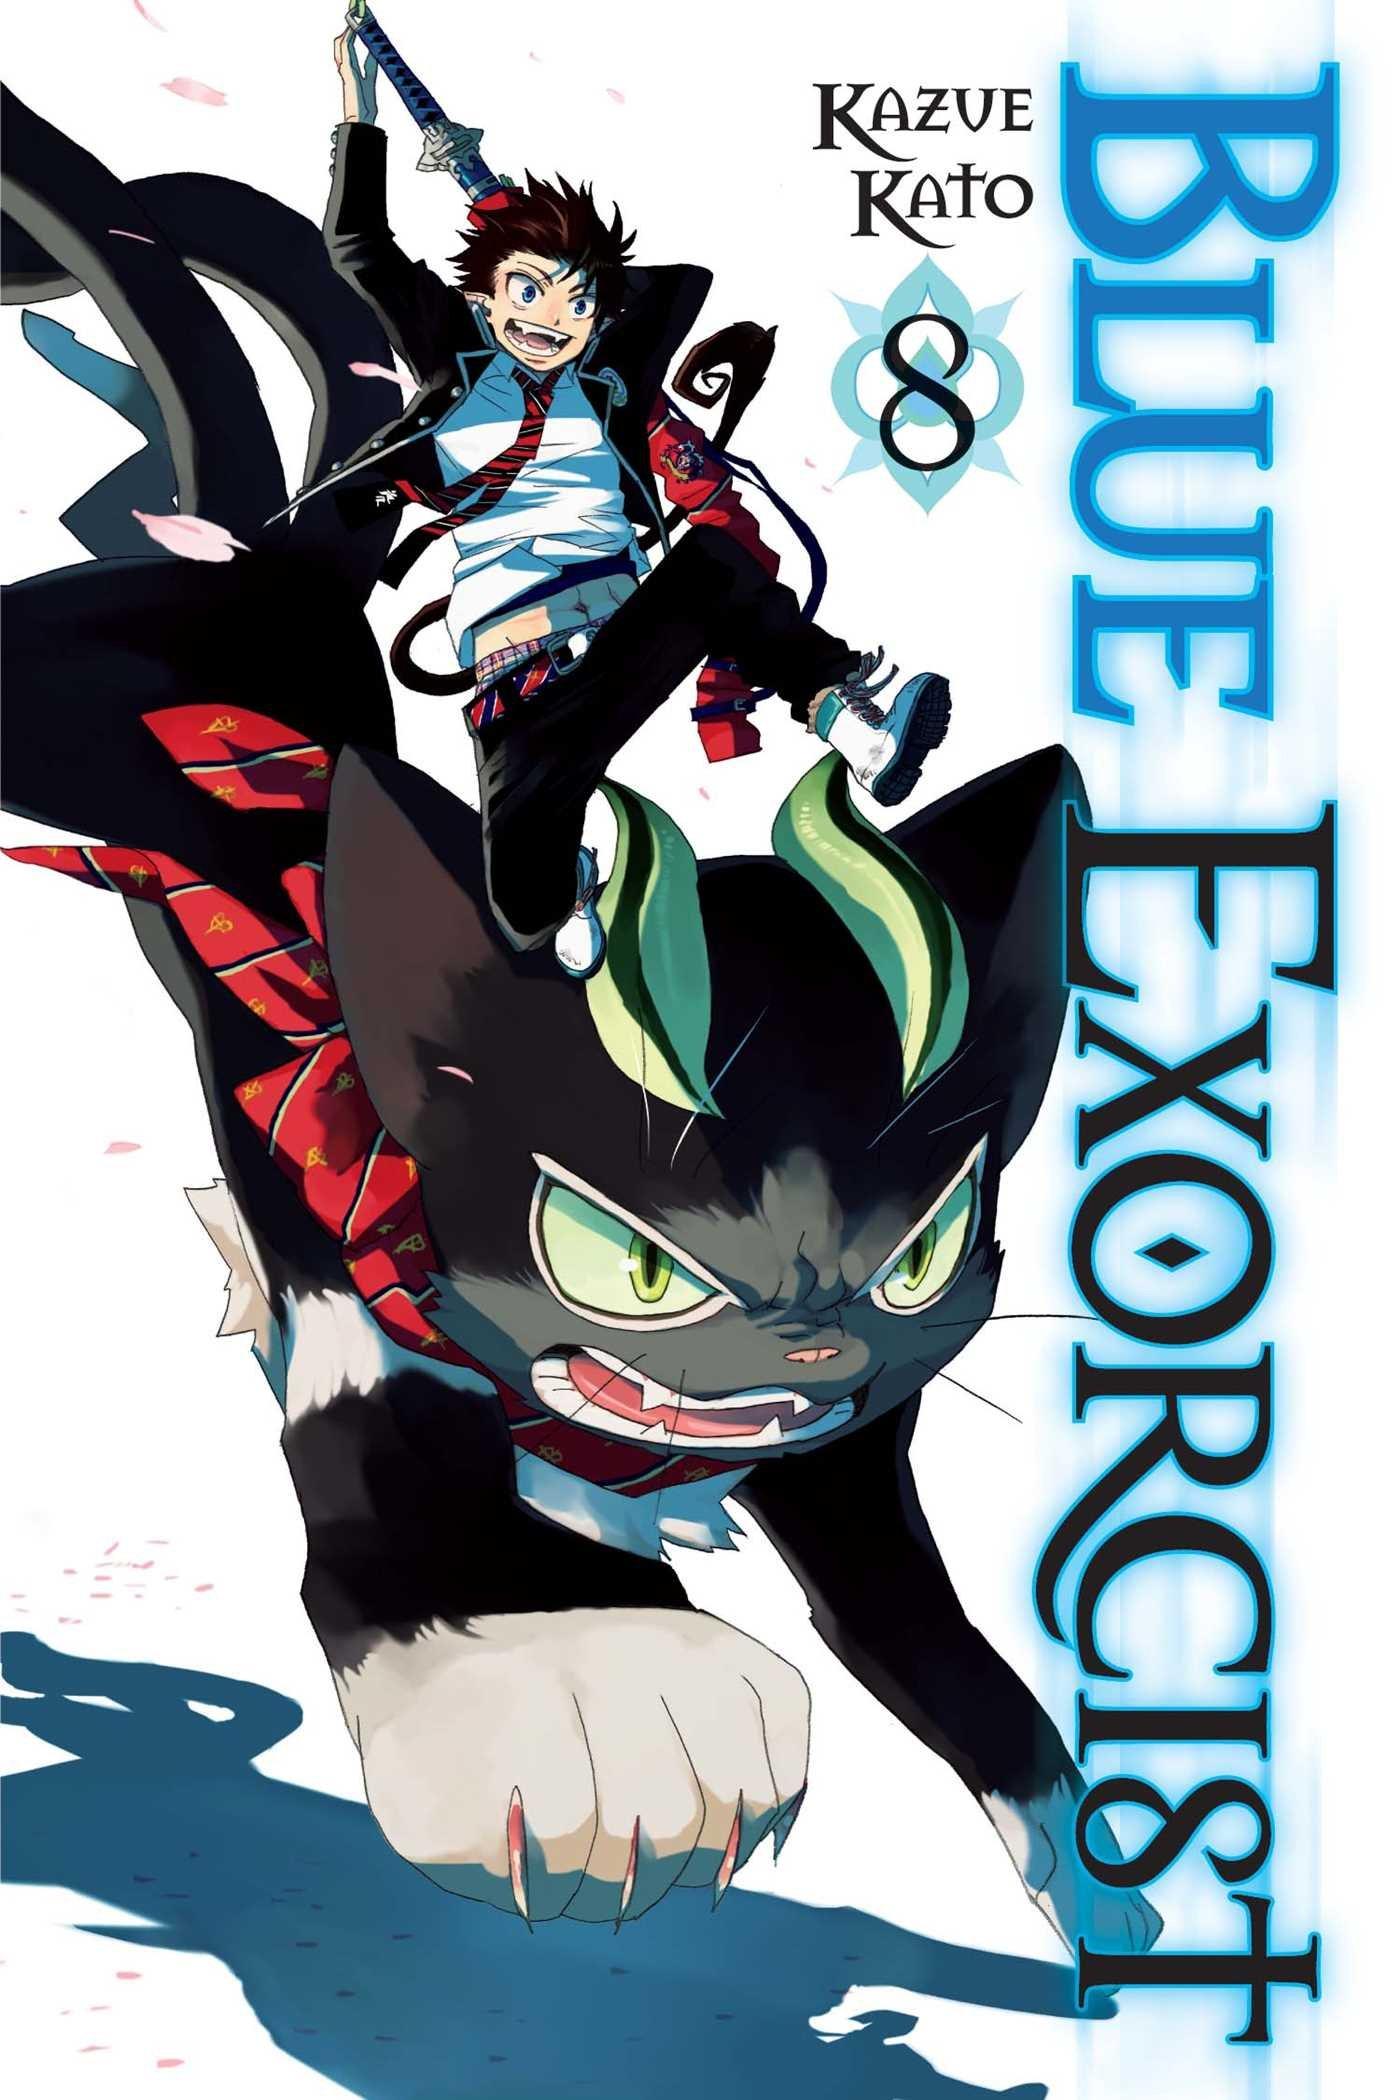 blue exorcist vol 8 kazue kato 9781421550848 amazon com books